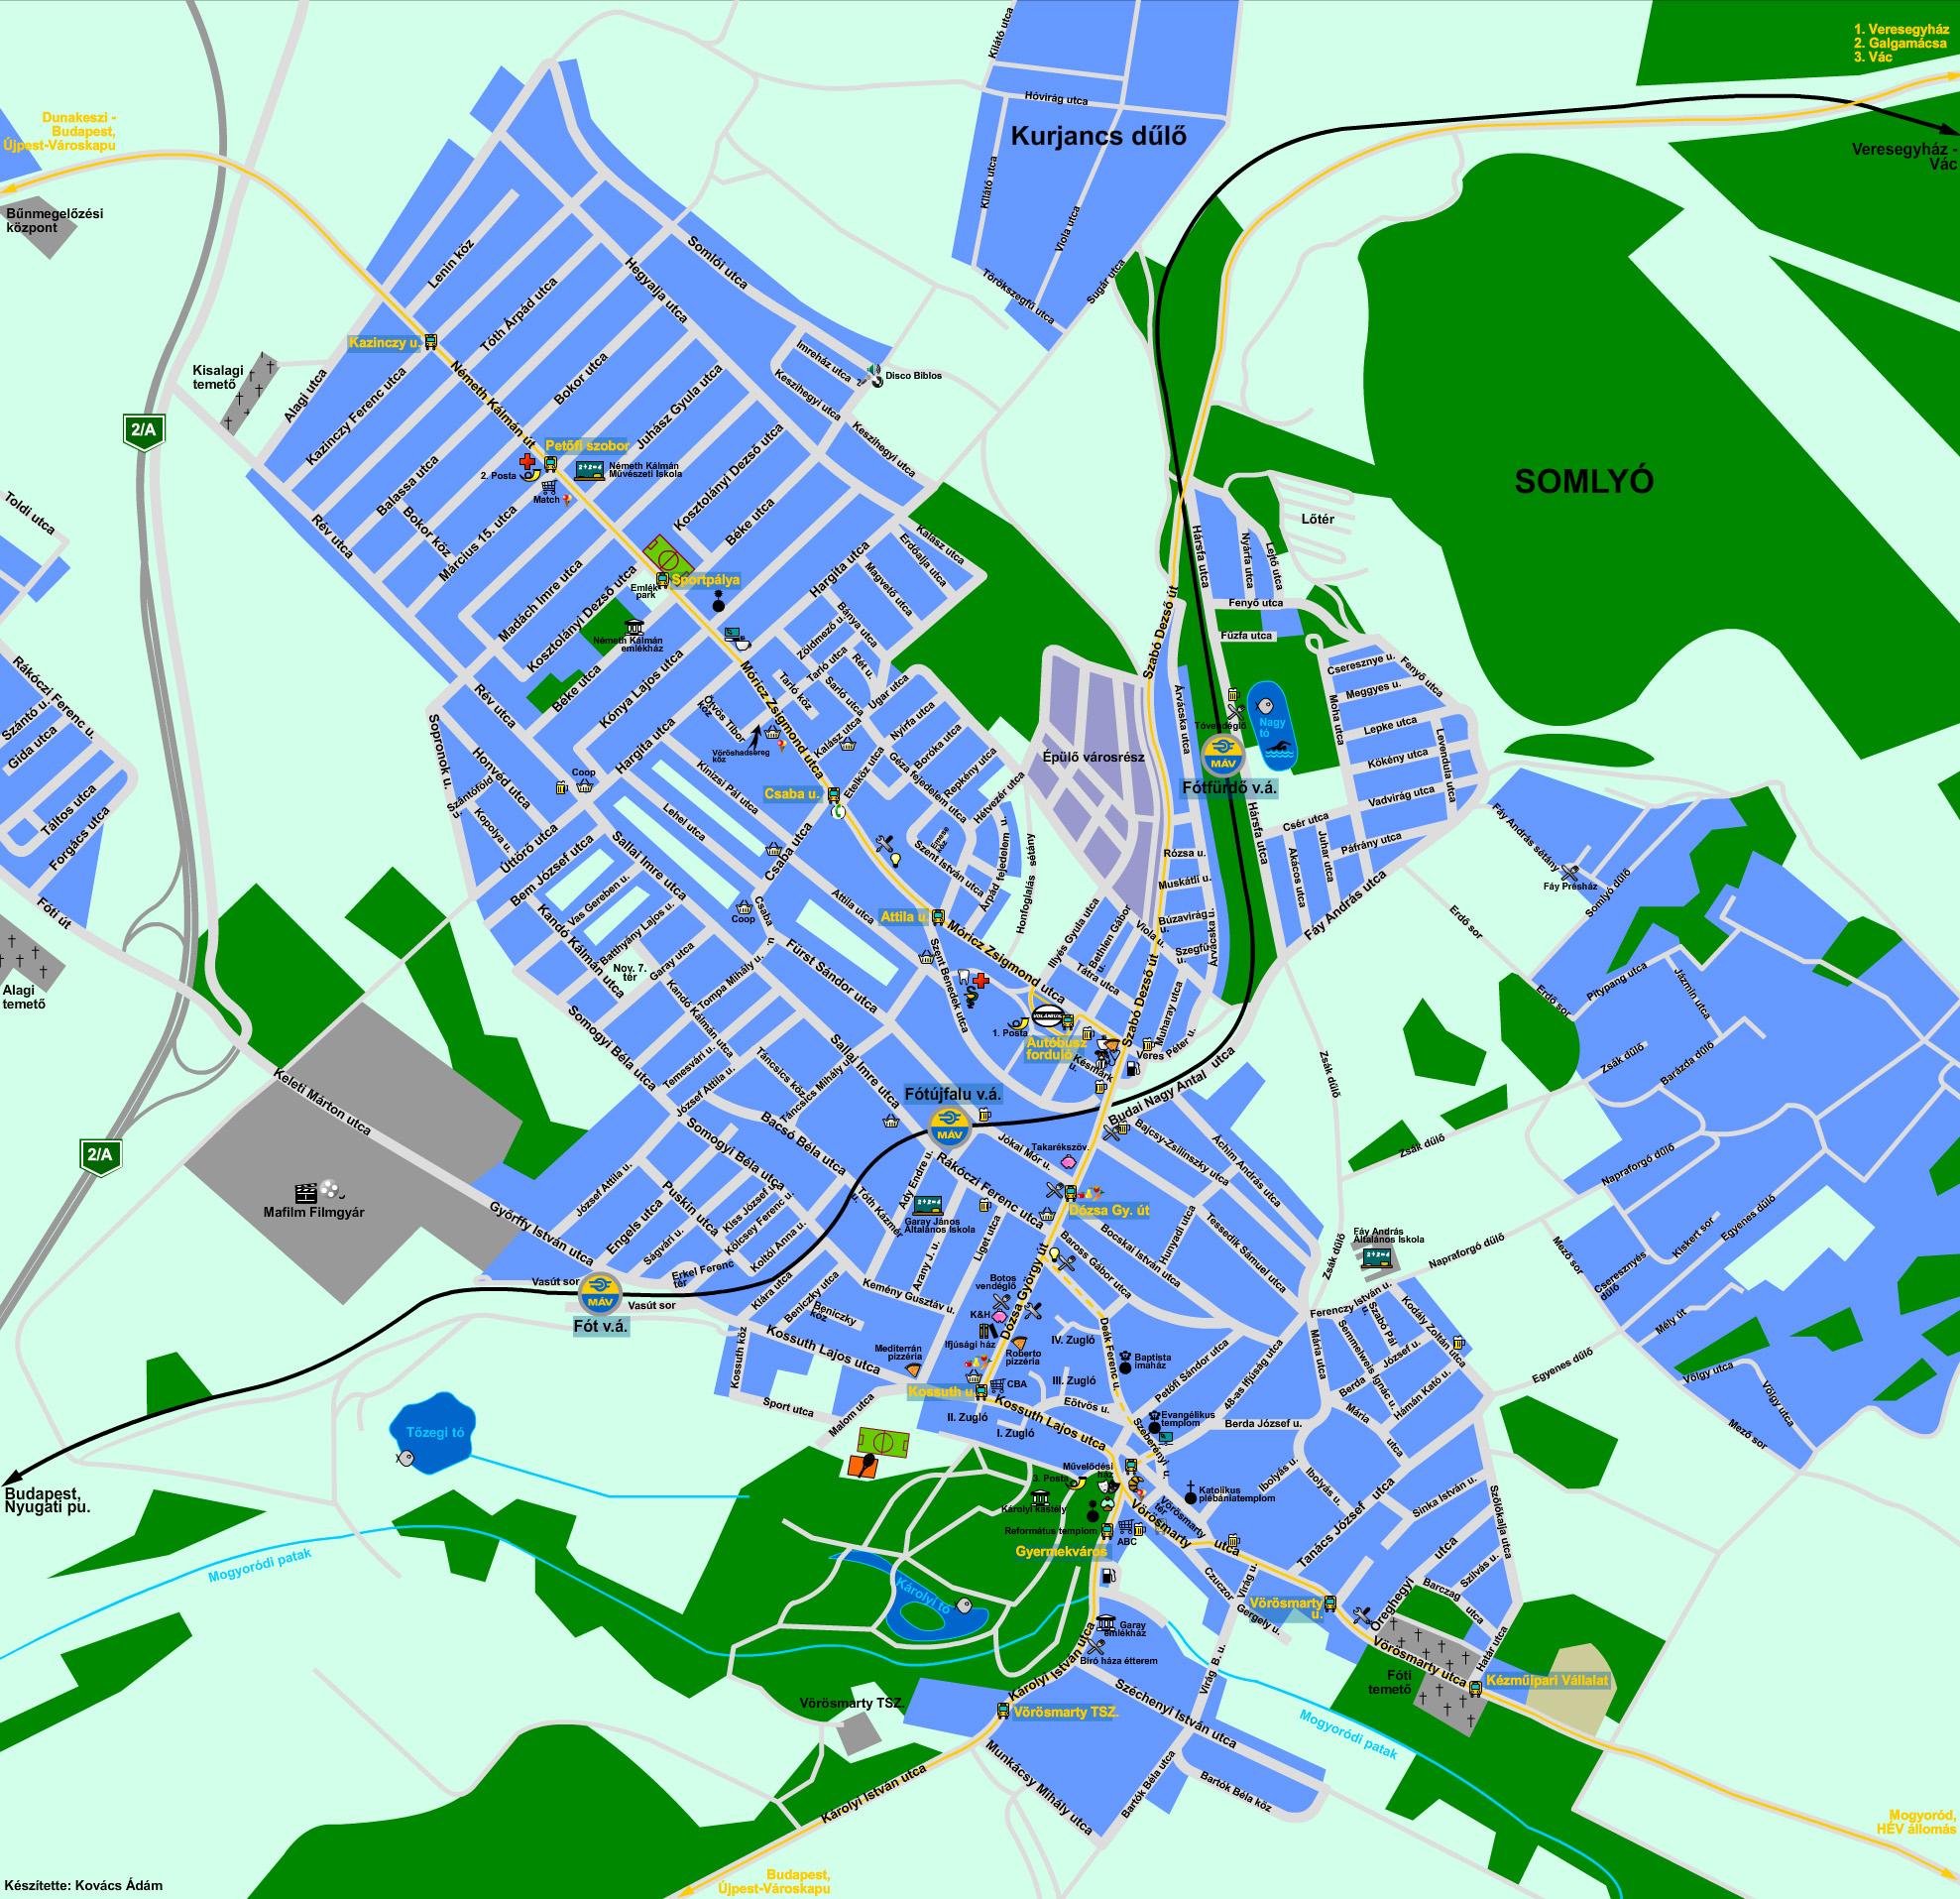 Fajl Fot Terkep 2009 Jpg Wikipedia